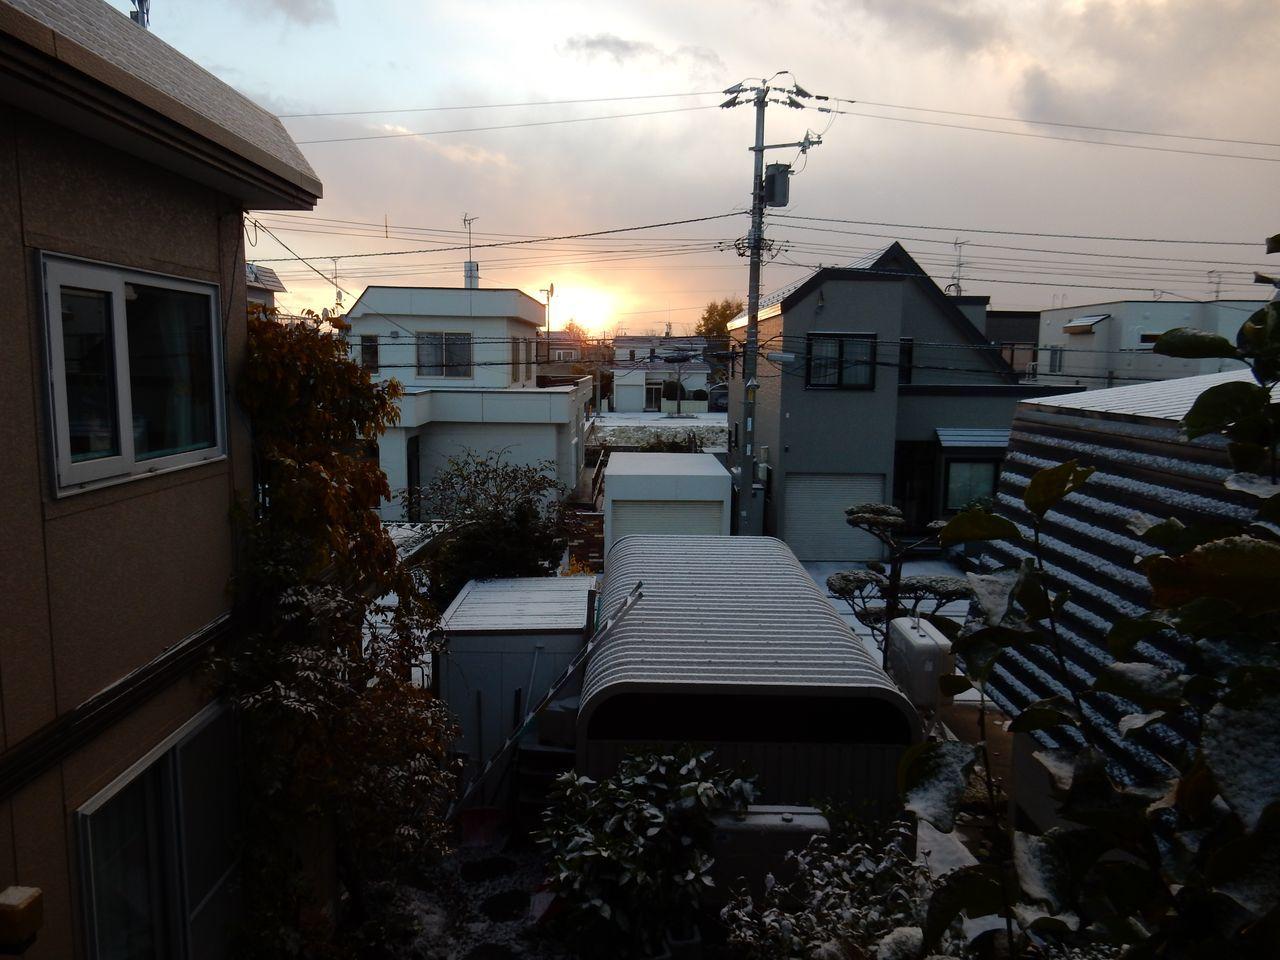 久しぶりに見た朝の太陽_c0025115_20181173.jpg